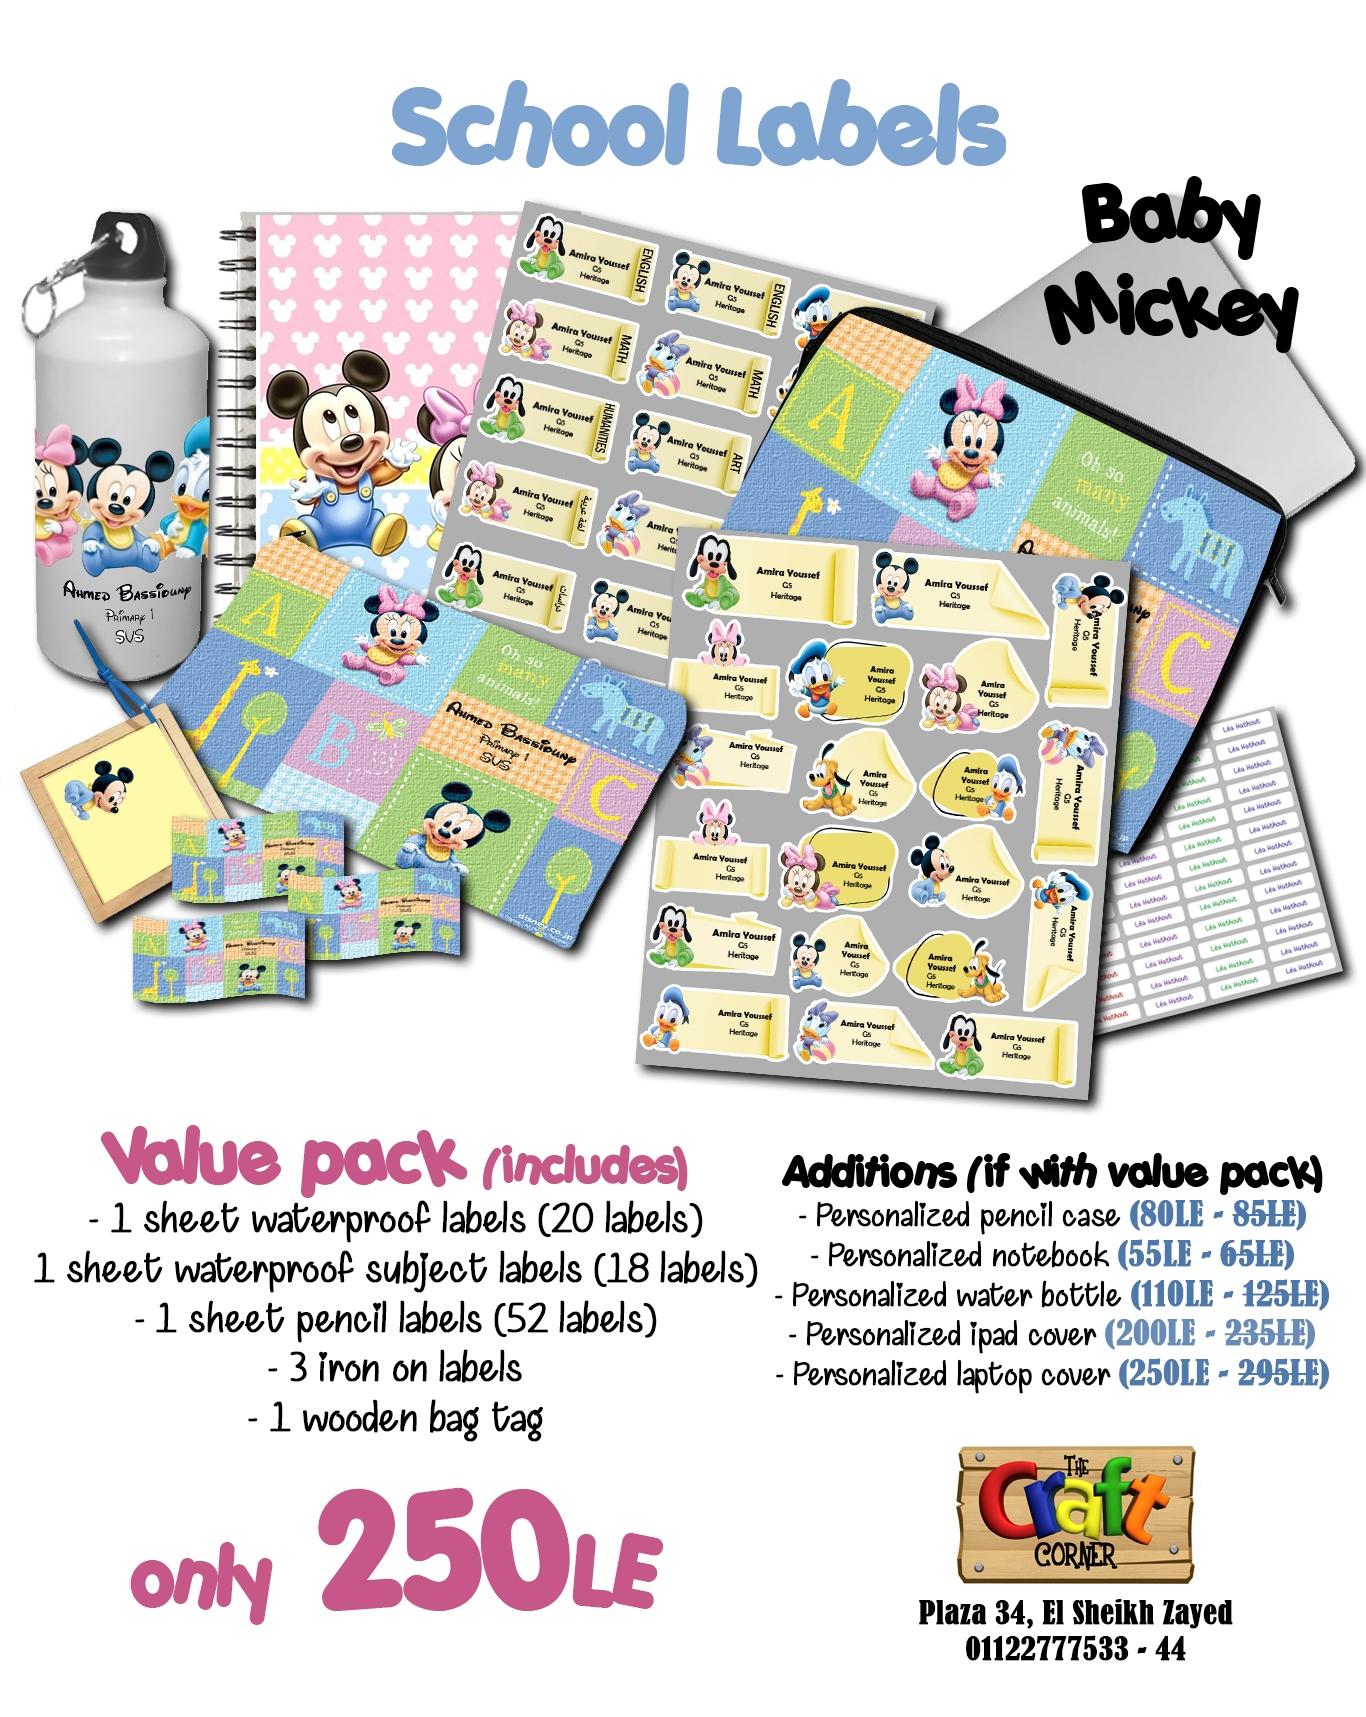 Baby mickey ad